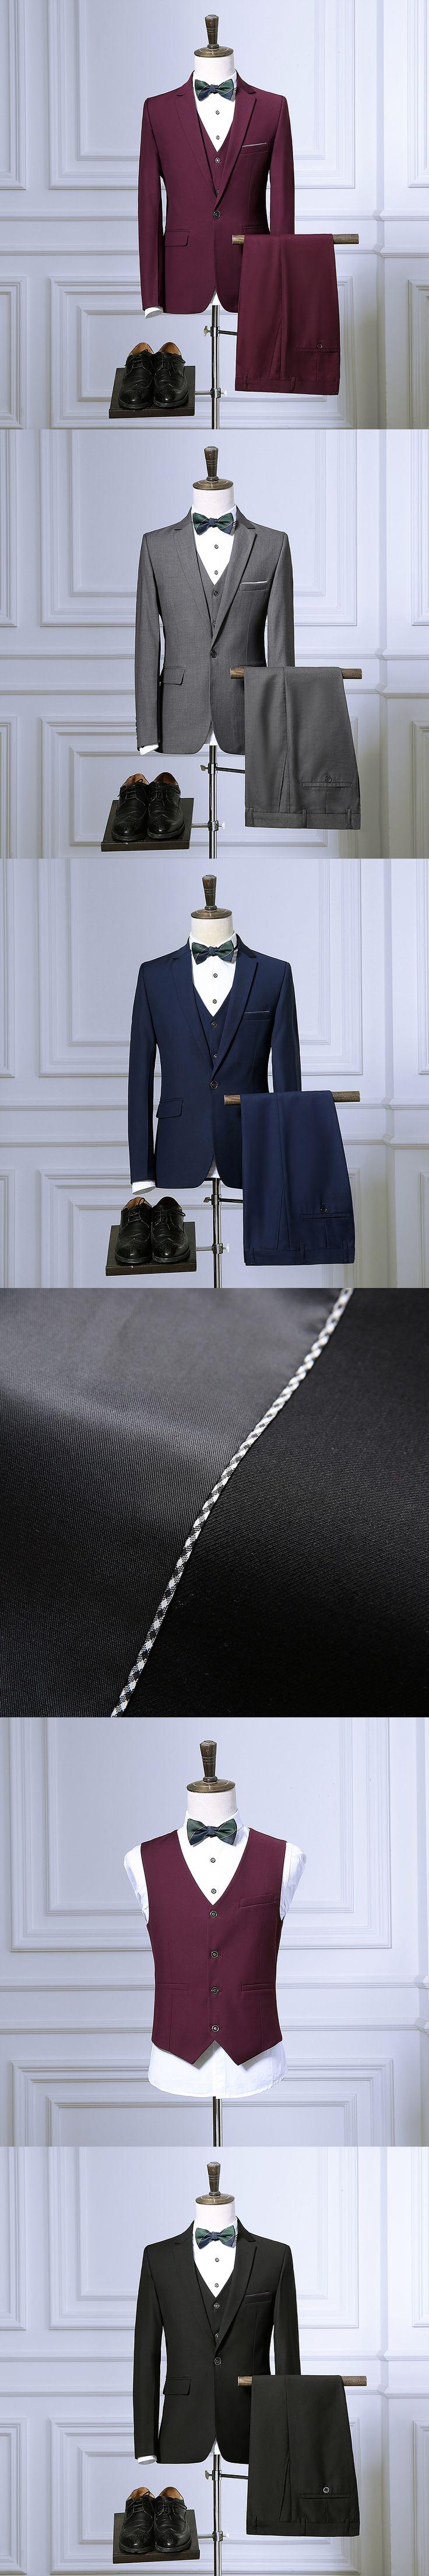 Men Slim fit suits Jacket+Pants+vest Tuxedo wedding coat trousers waistcoat design 2016 Fashion black blue red 4color Male Suits